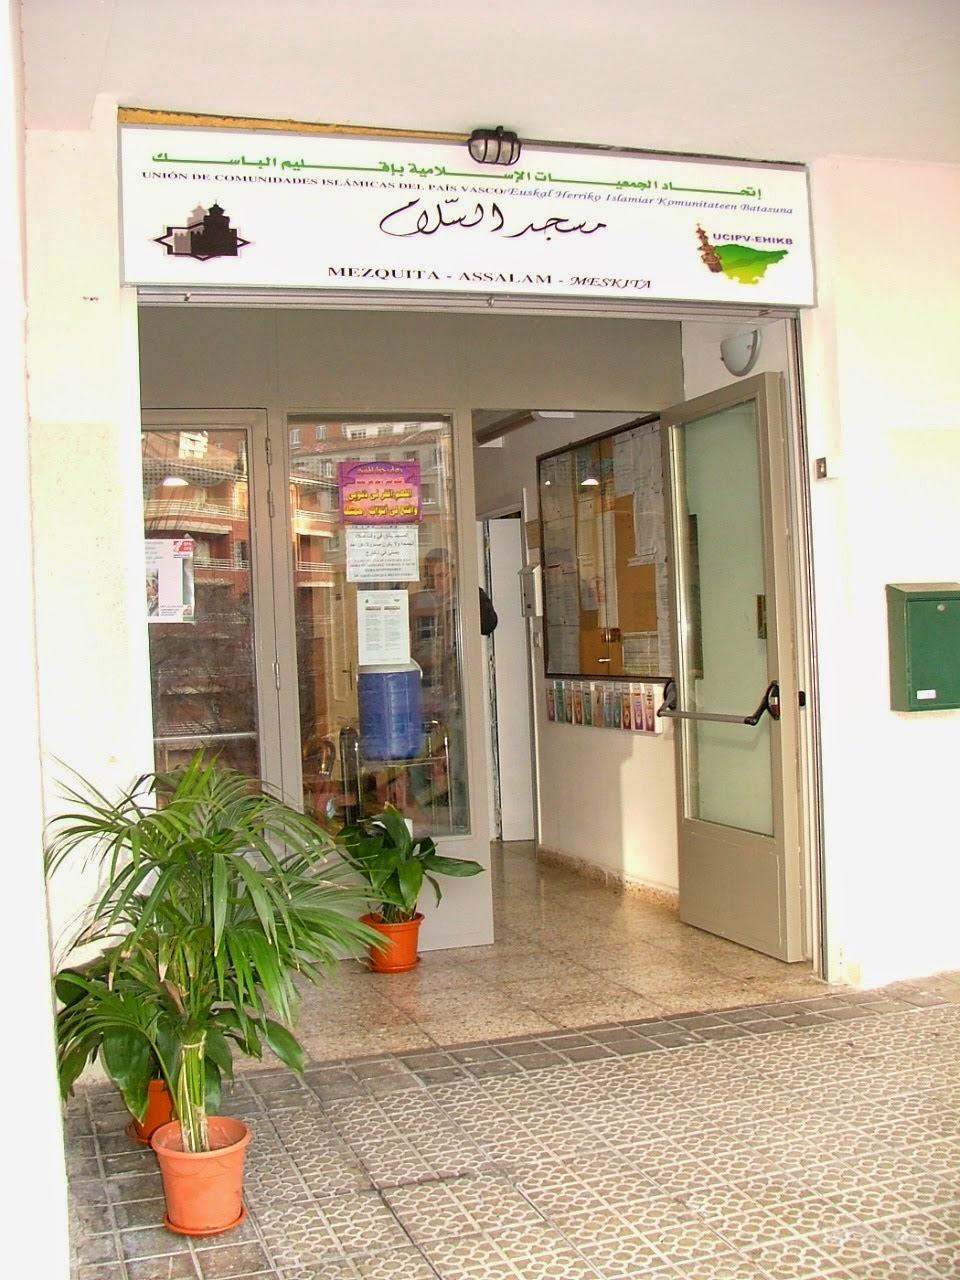 Reunión de nuevos musulmanes y personas interesadas en el islam en Bilbao